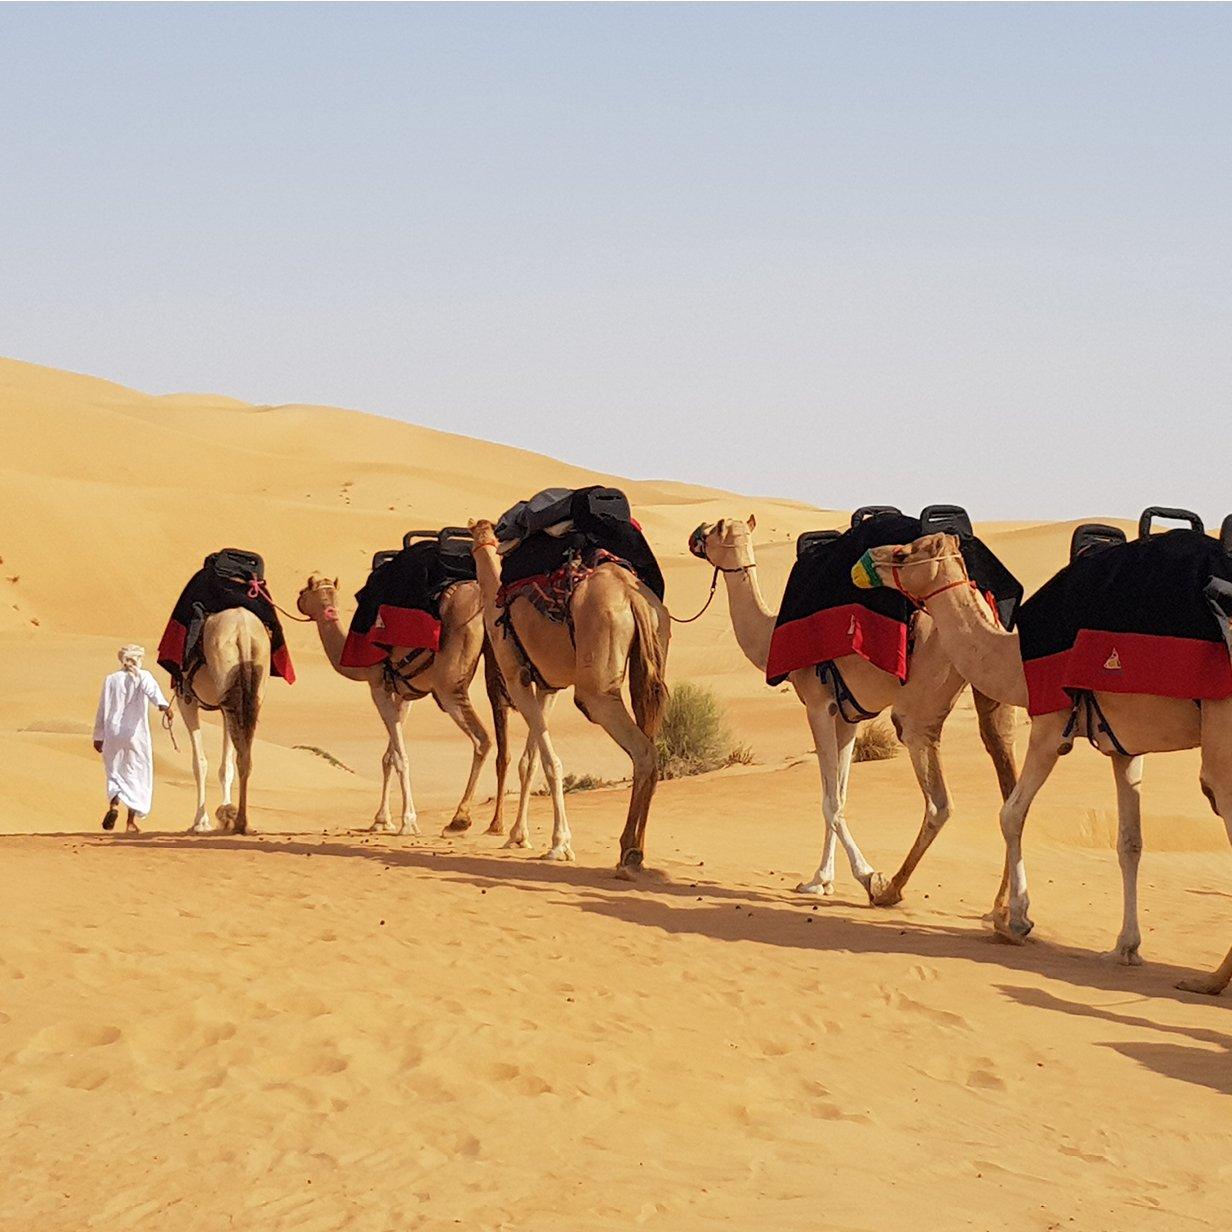 Camel_Trekking-1-large